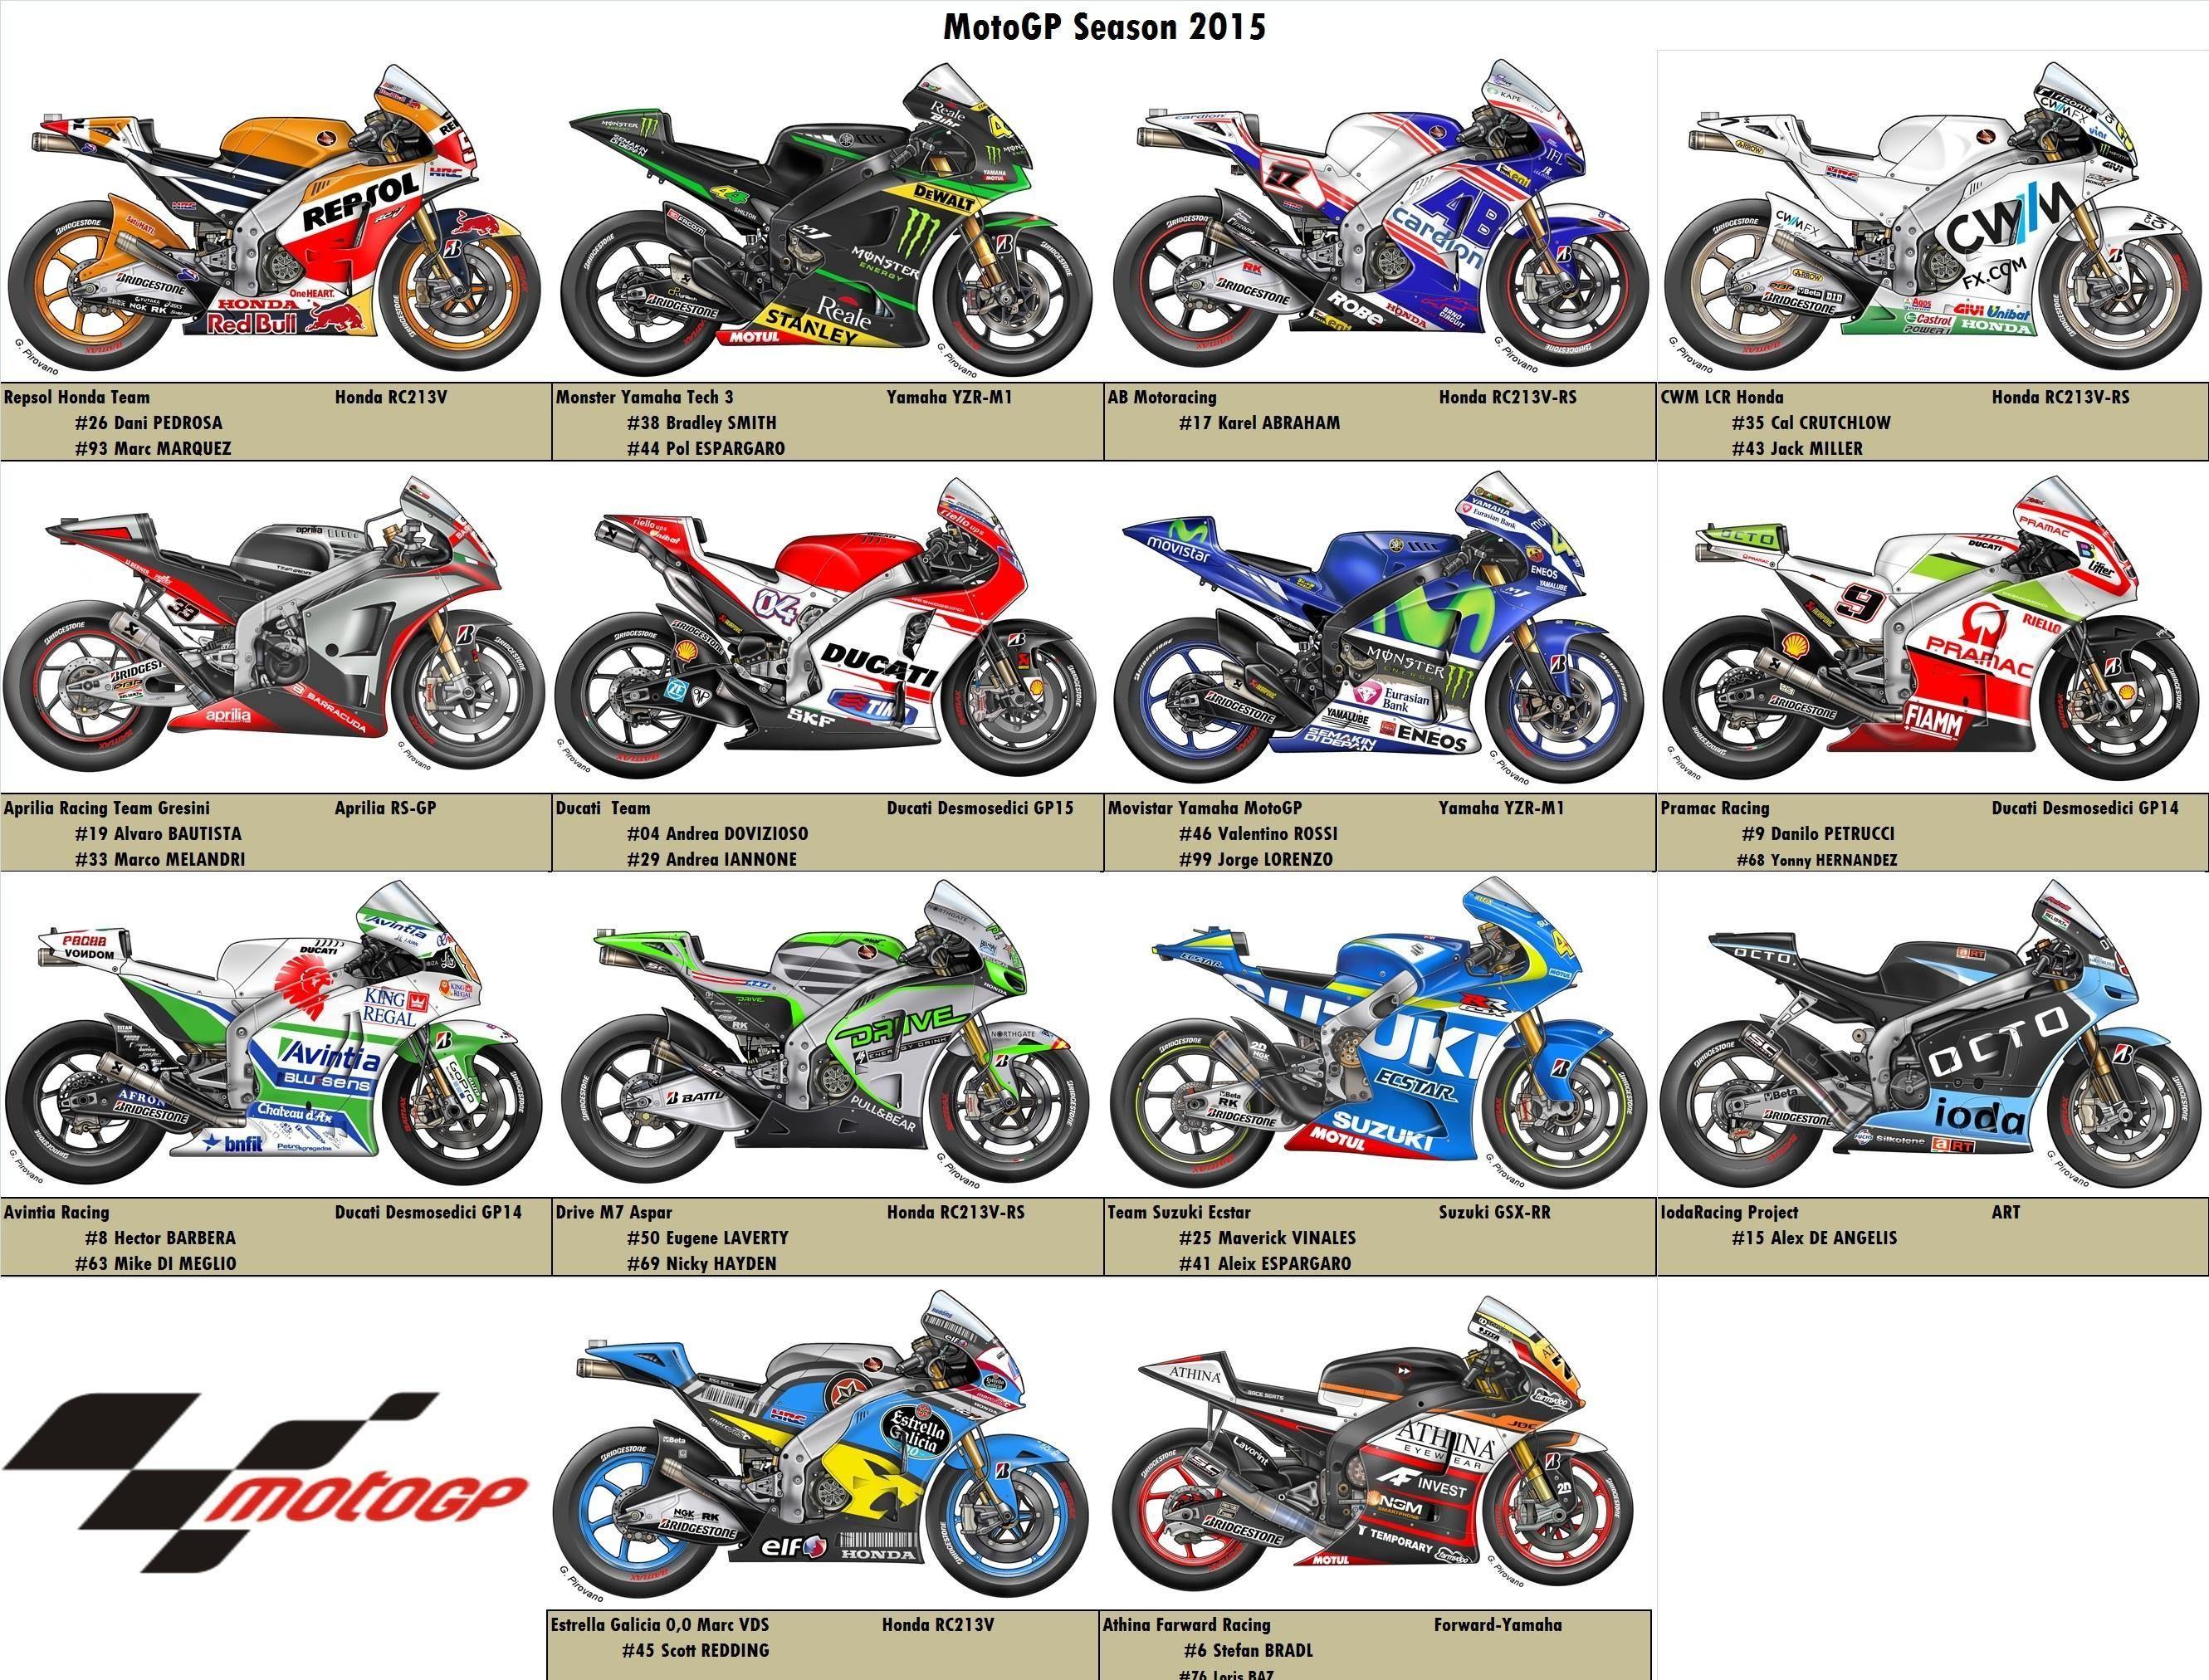 Motogp Teams Motogp Com Motogp Teams Le Site Officiel Du Motogp Moto2 Et Moto3 Avec Retransmission En Live Video Un Contenu Exclusif Et Toute L Actua Kereta